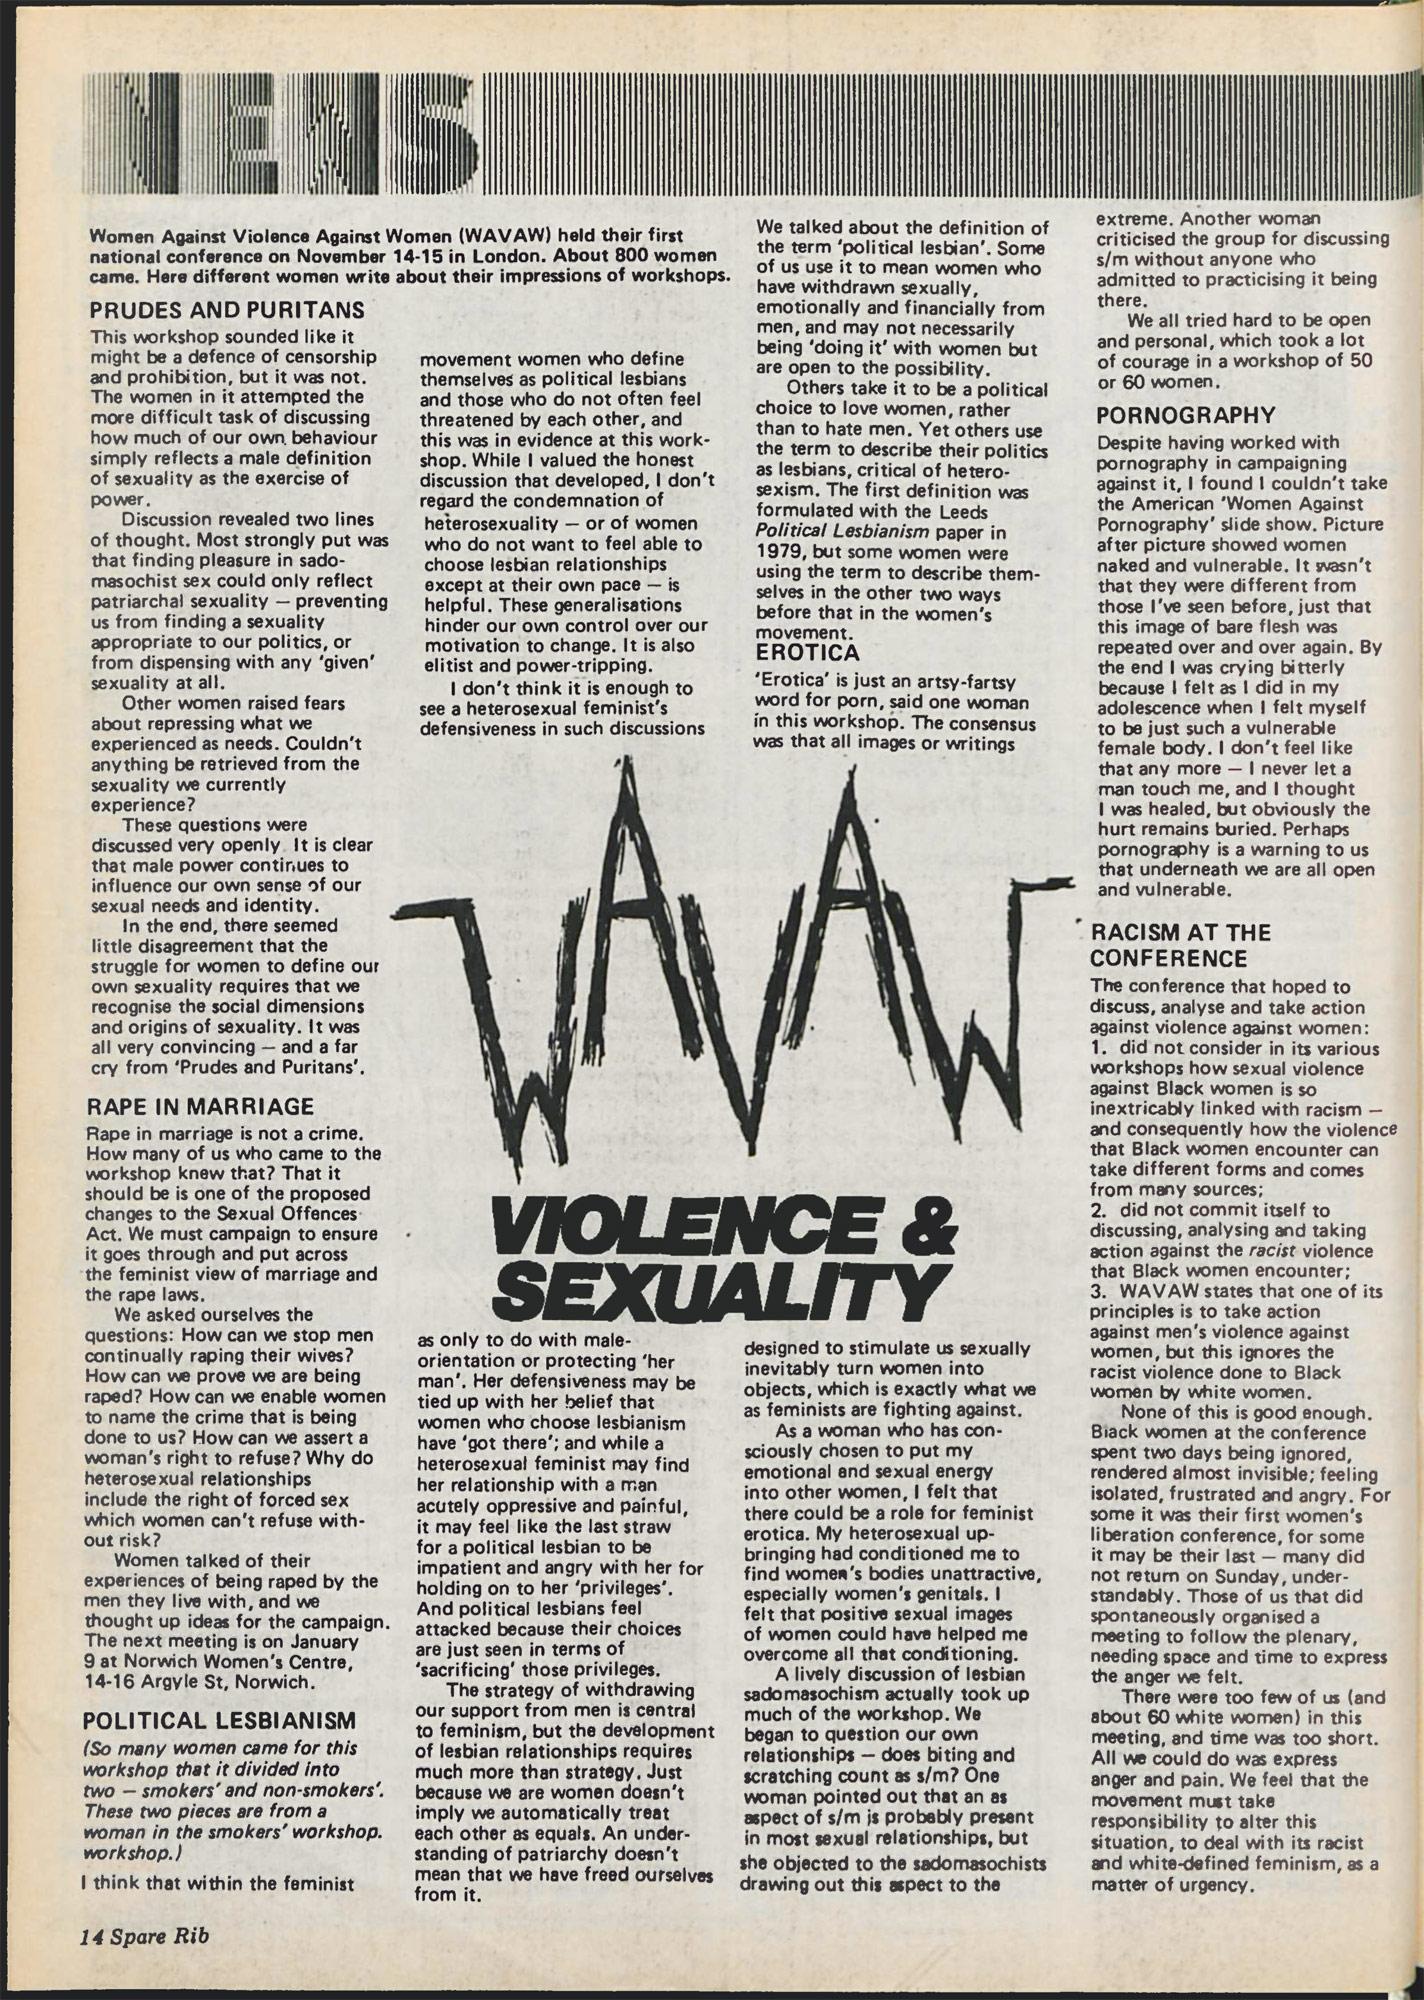 Spare Rib magazine issue 114 p. 14